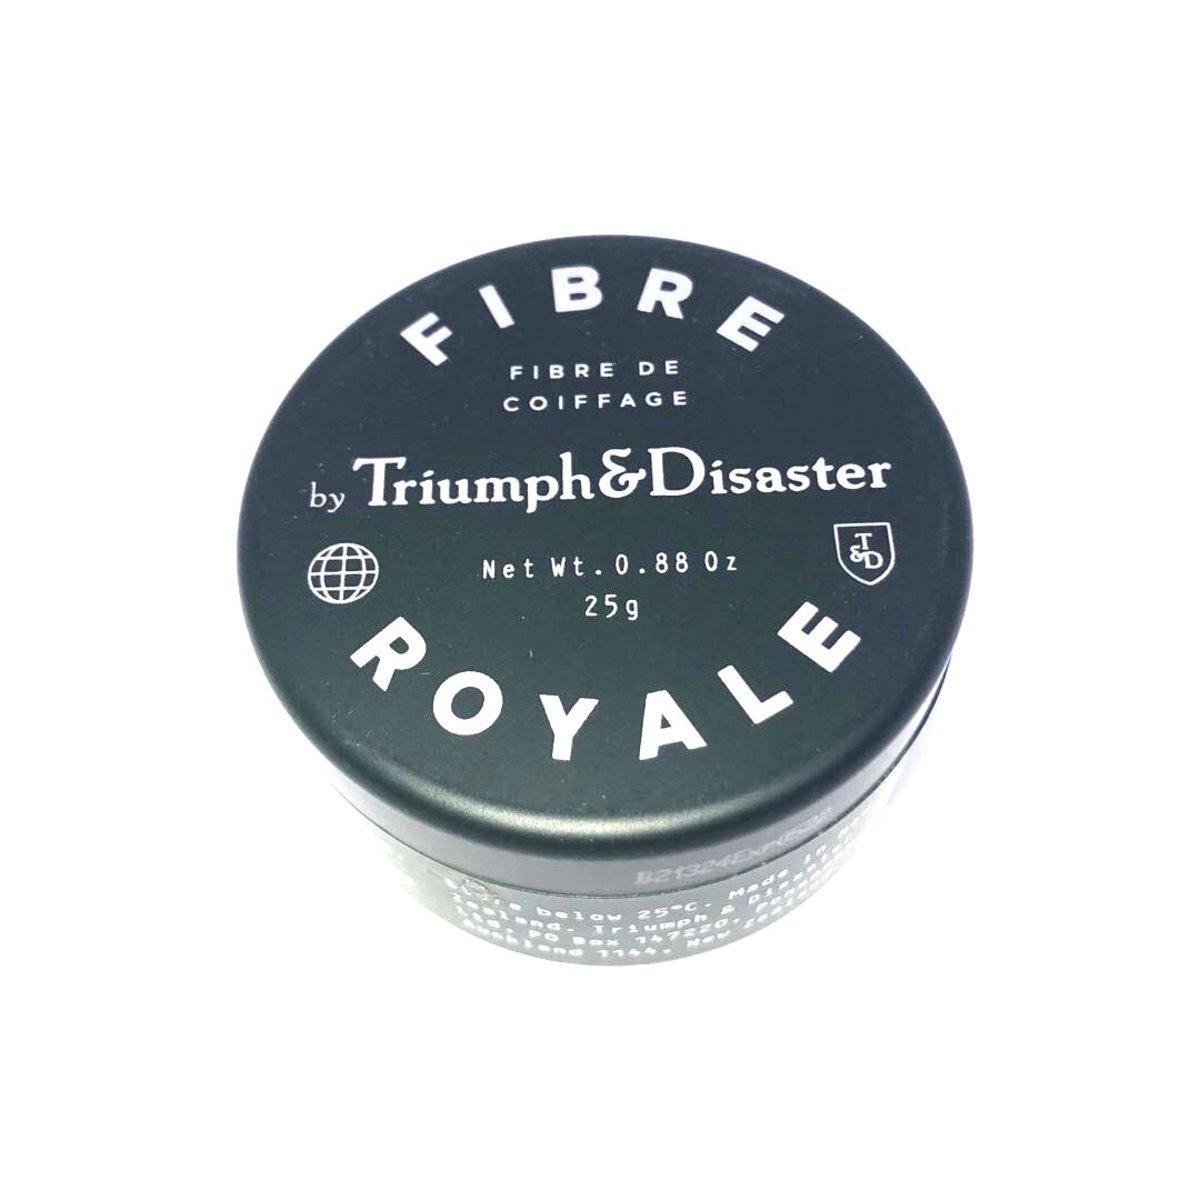 Triumph & Disaster Fibre Royale 25g